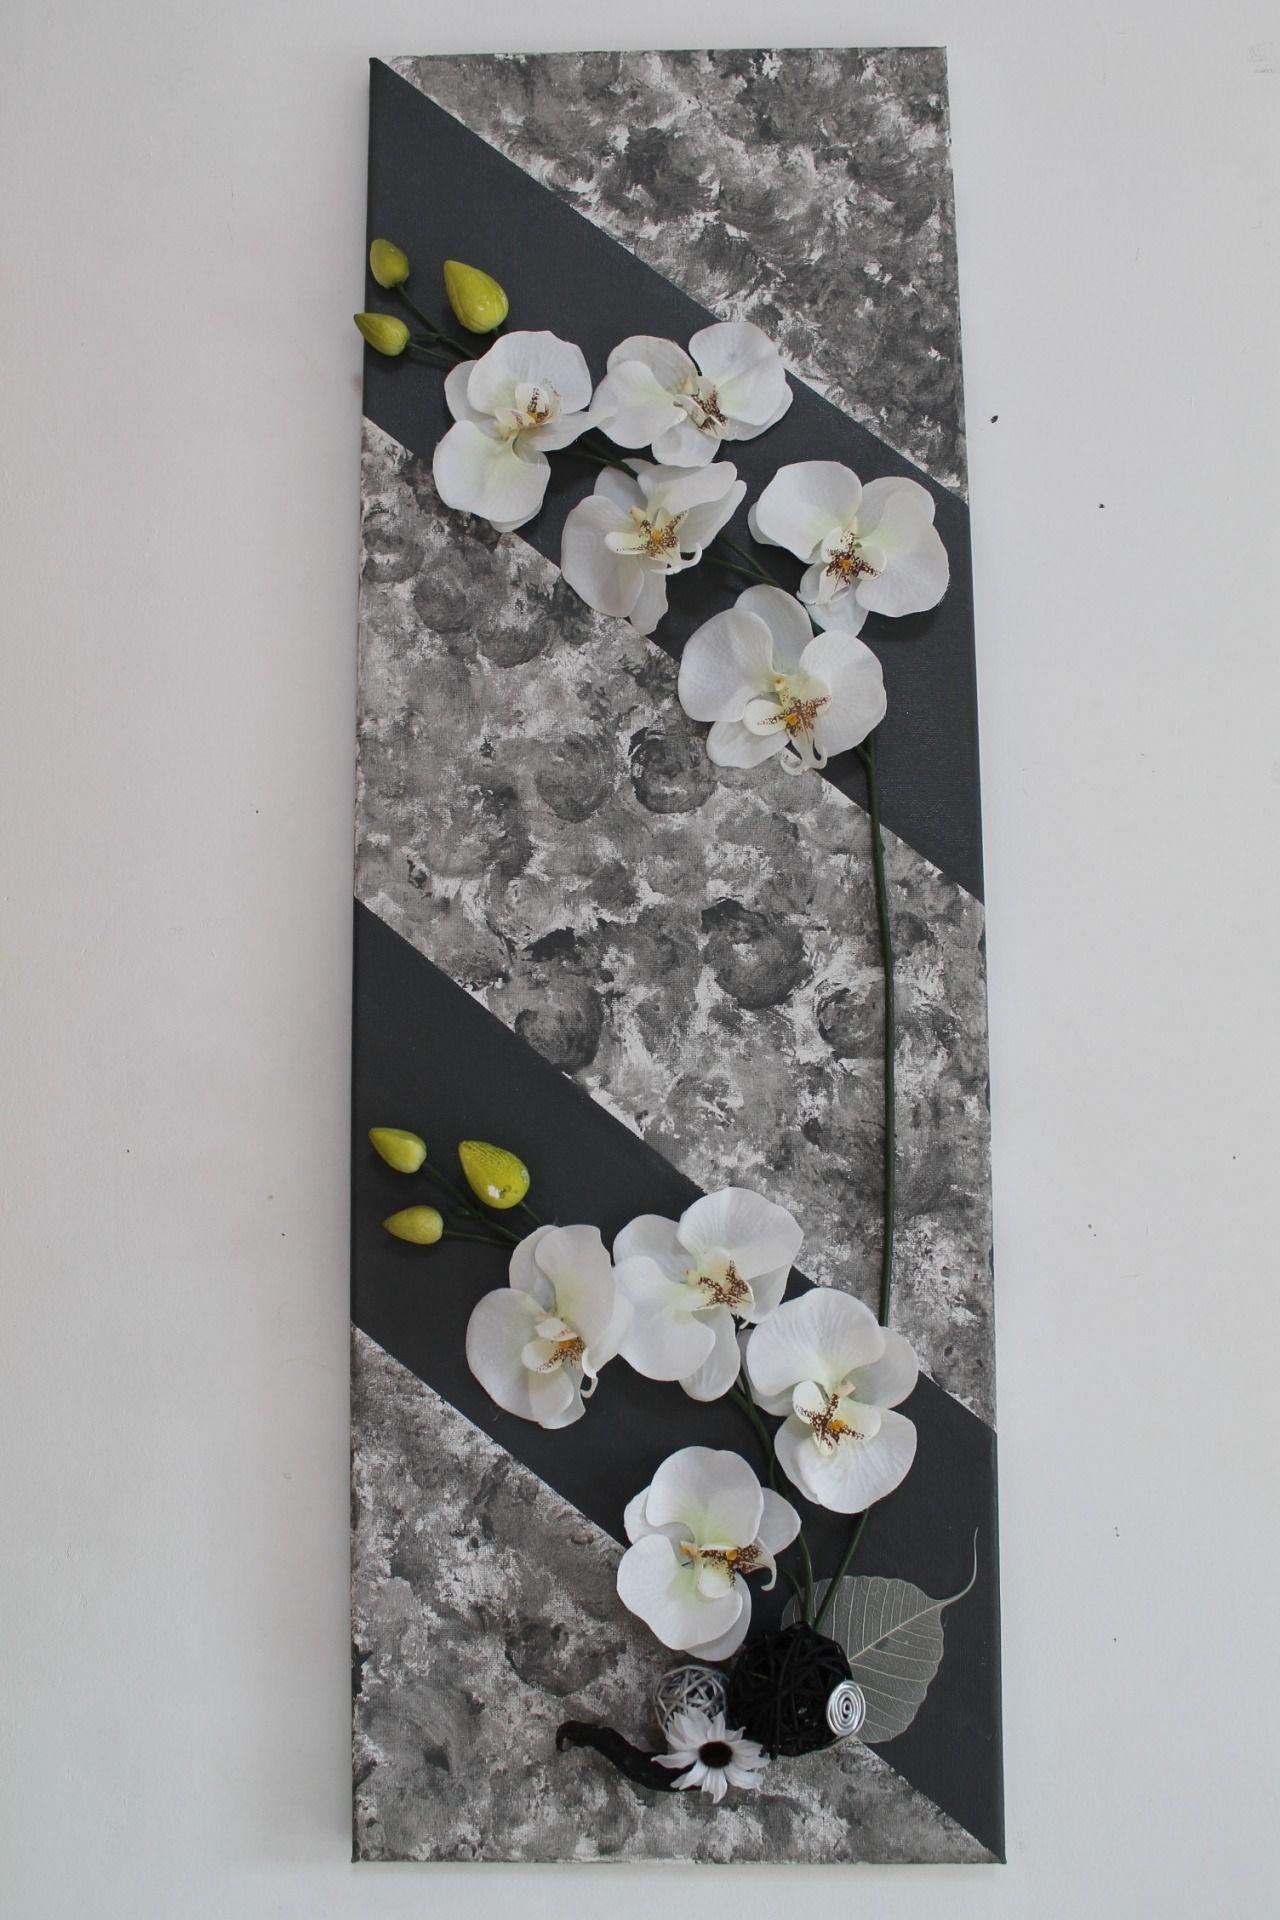 tableau floral 3d avec phalaenopsis en soie vendu d corations murales par s pass deco. Black Bedroom Furniture Sets. Home Design Ideas